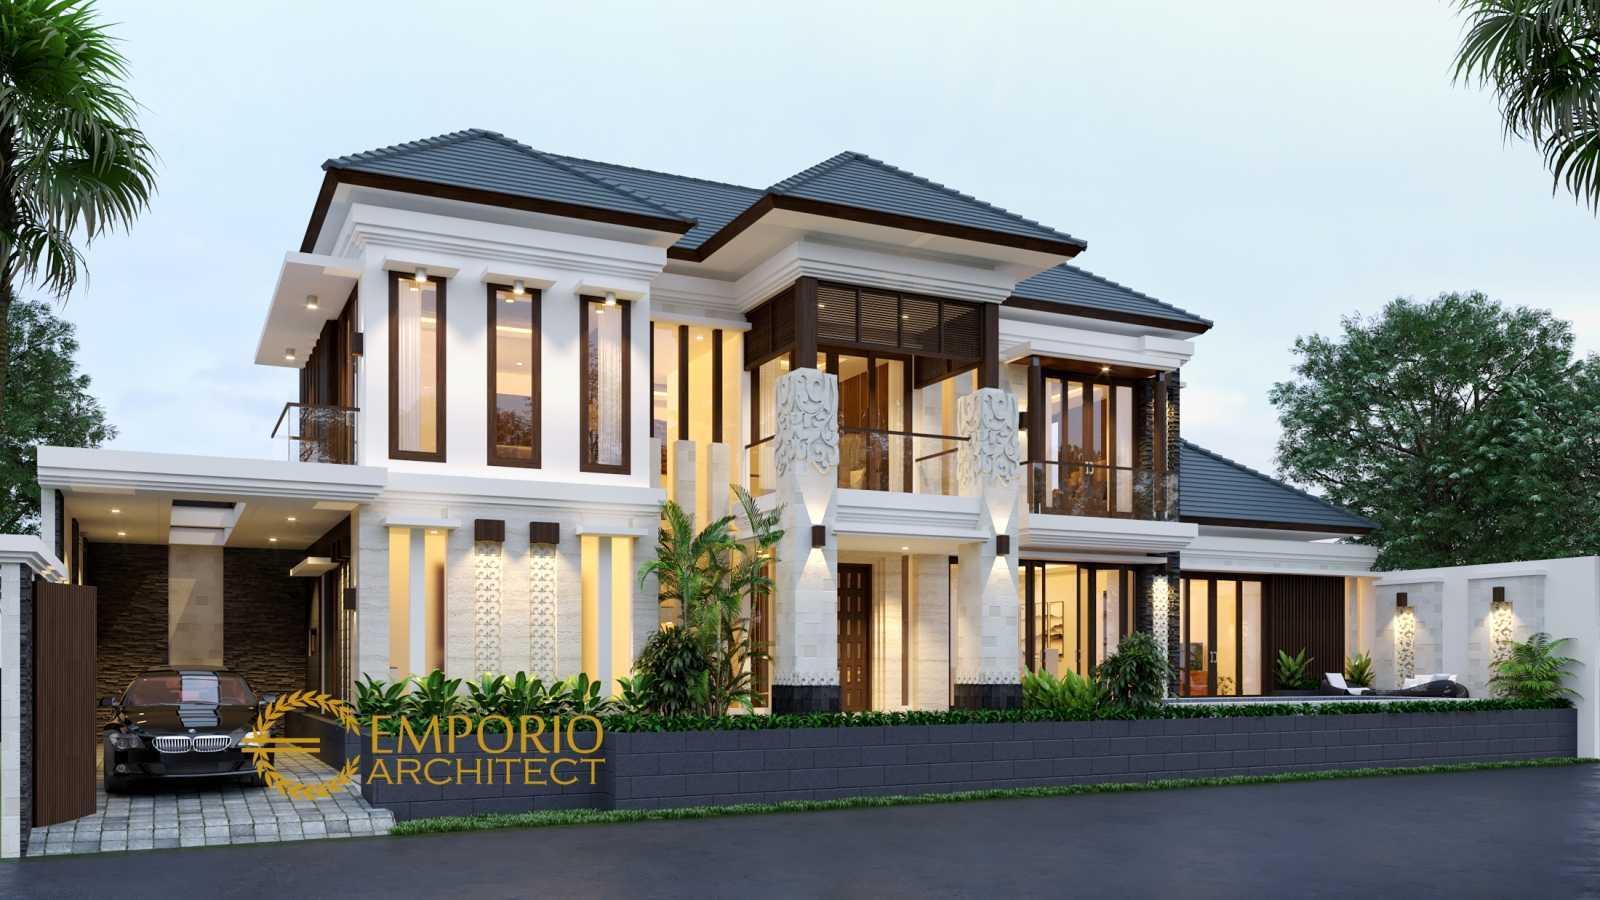 Emporio Architect Jasa Arsitek Mengwi Desain Rumah Villa Bali Tropis 496 @ Mengwi, Bali Mengwi, Kec. Mengwi, Kabupaten Badung, Bali, Indonesia Mengwi, Kec. Mengwi, Kabupaten Badung, Bali, Indonesia Emporio-Architect-Desain-Rumah-Villa-Bali-Tropis-496-Mengwi-Bali Tropical  78328